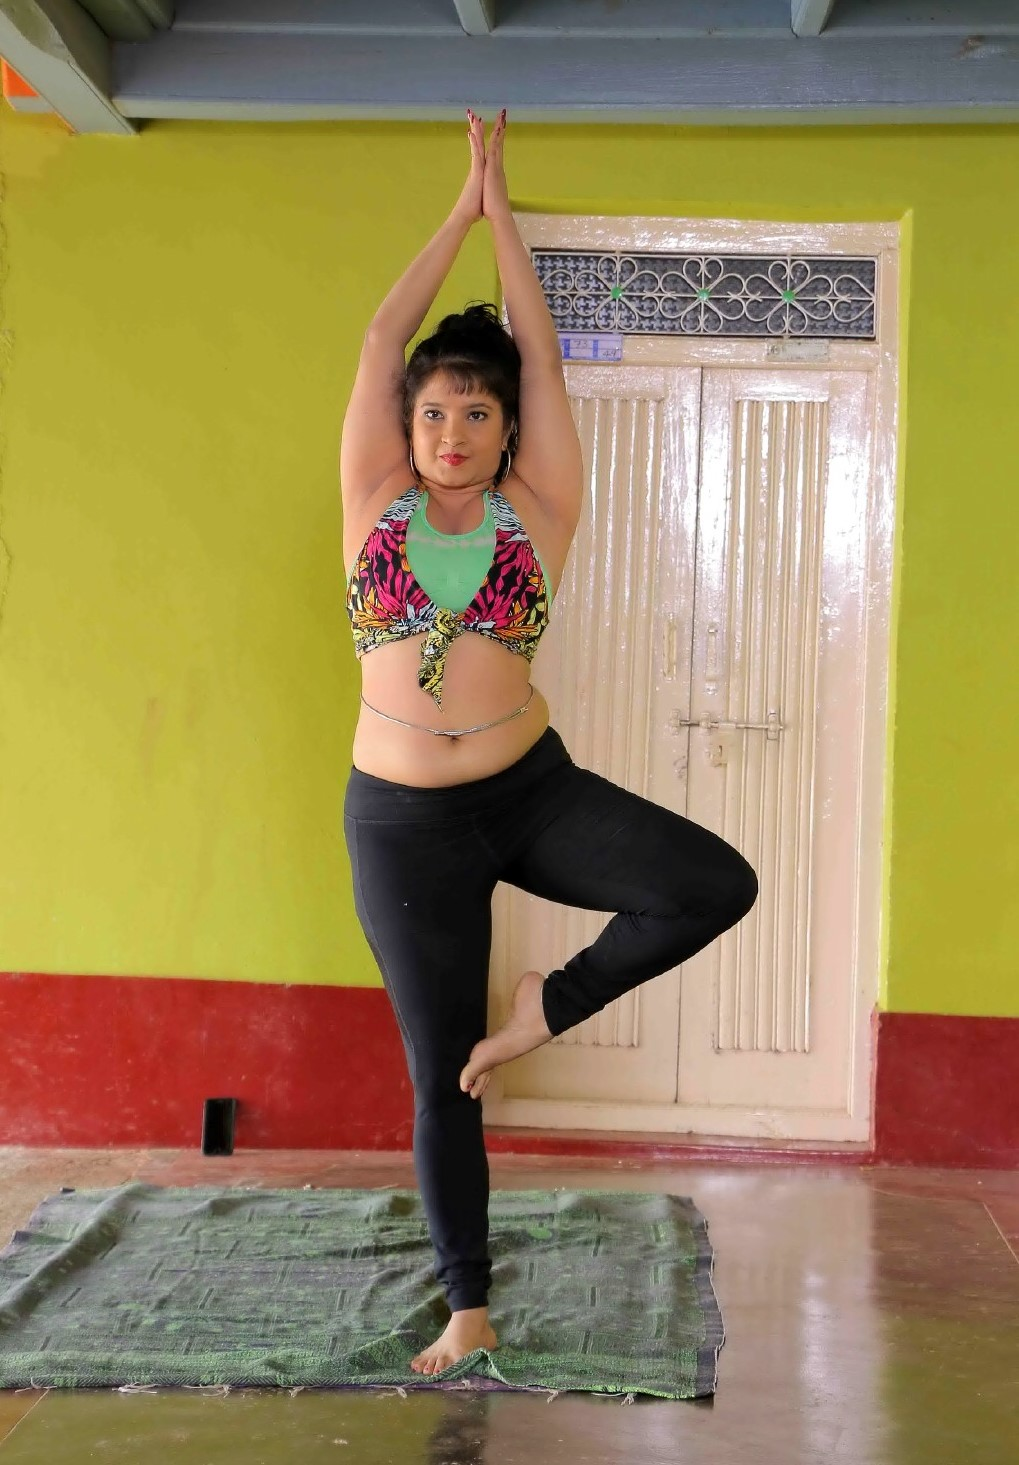 Shubha poonja yoga photos